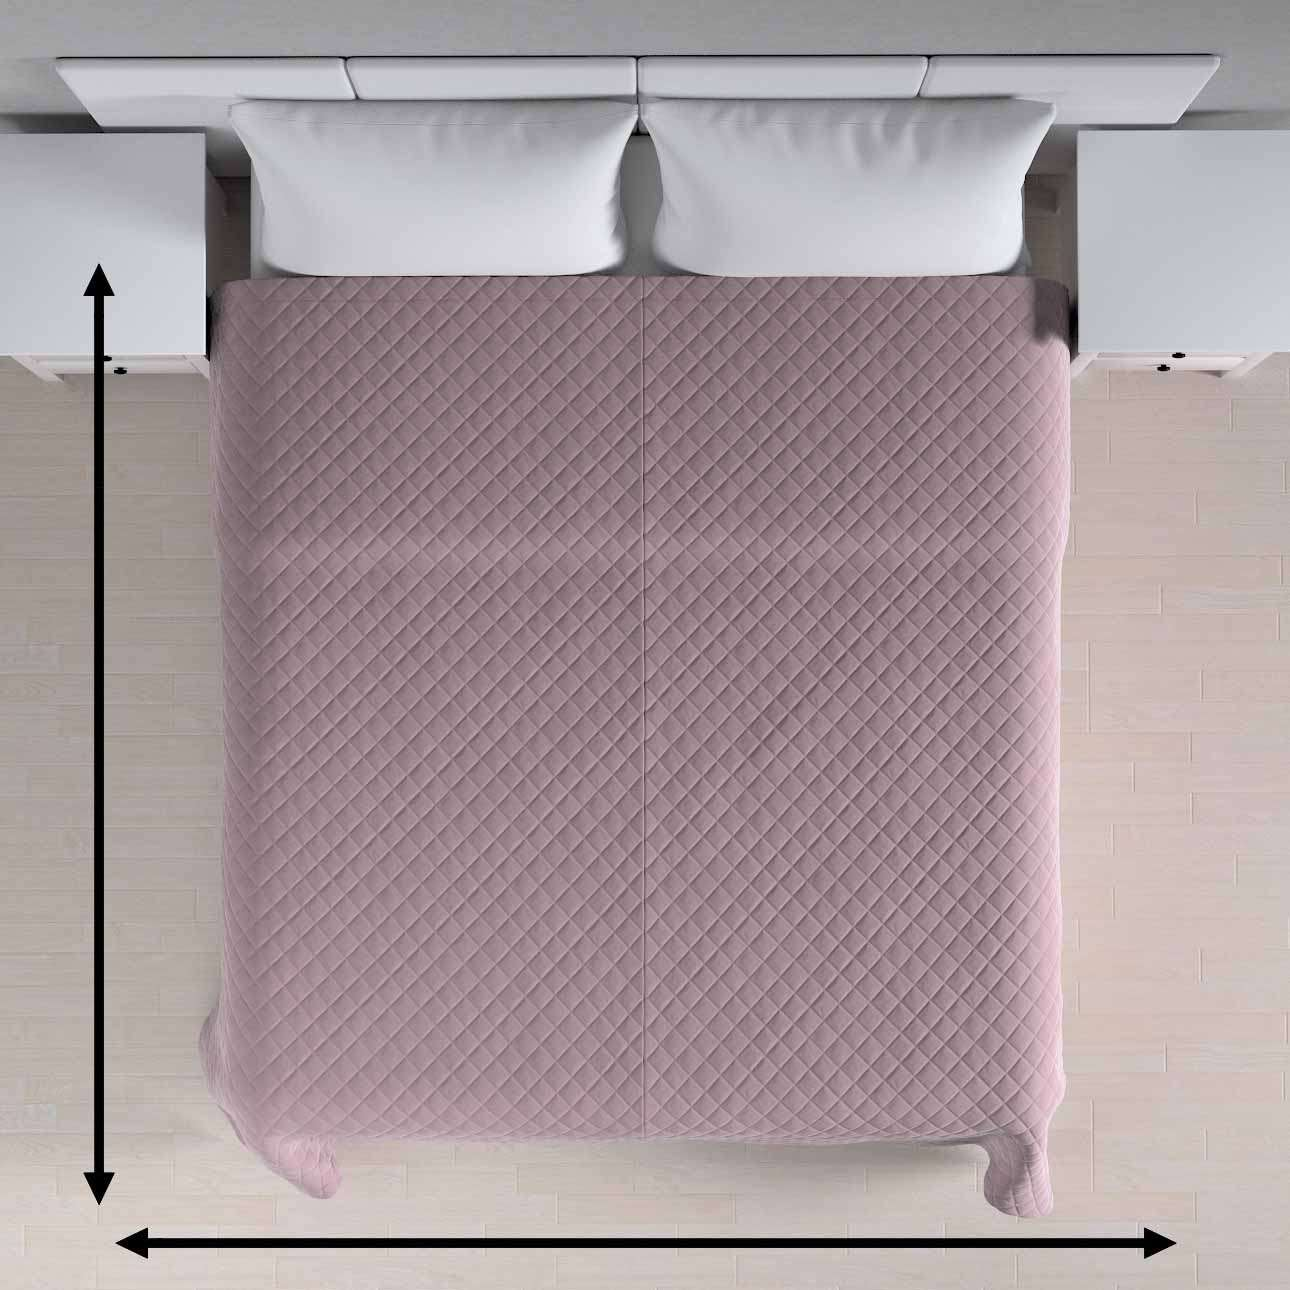 Posh Velvet bedspread in collection Posh Velvet, fabric: 704-14